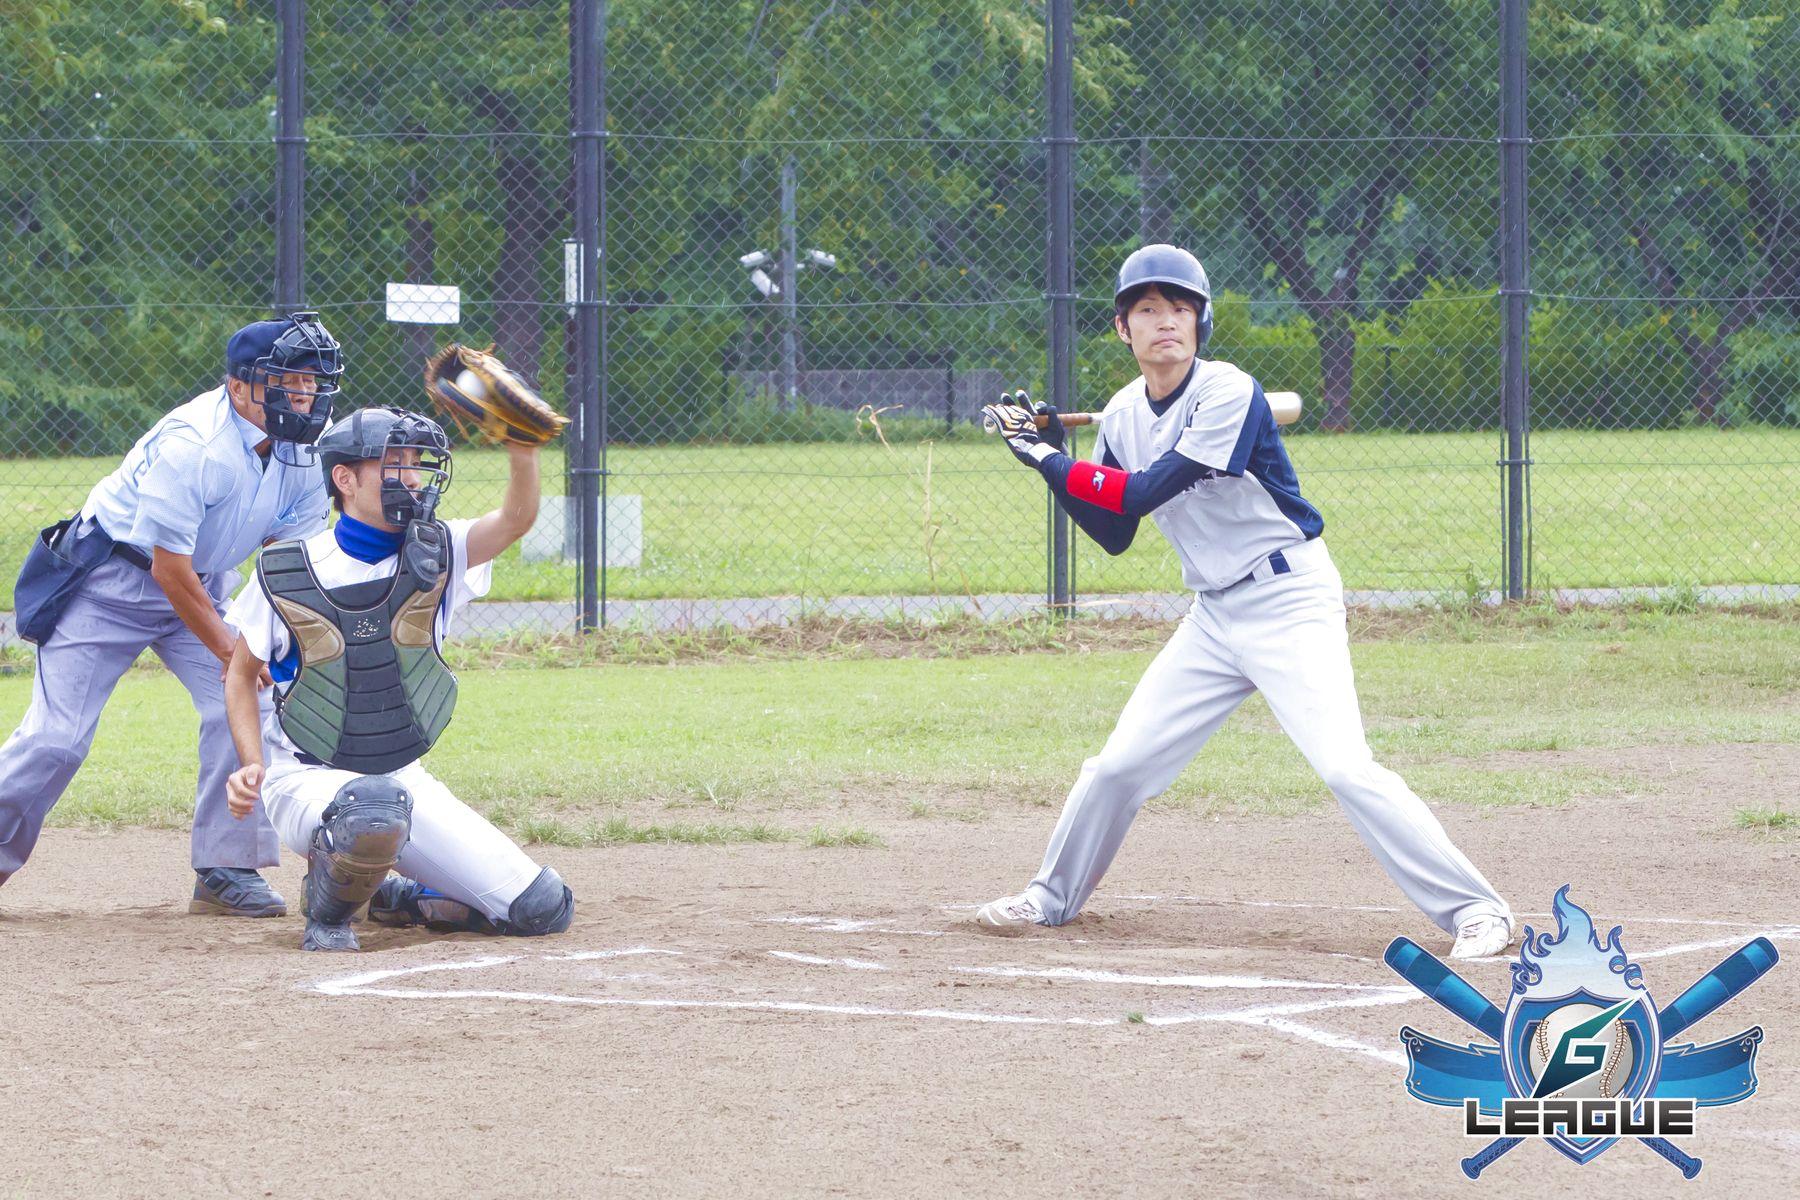 石神井 公園 野球 場